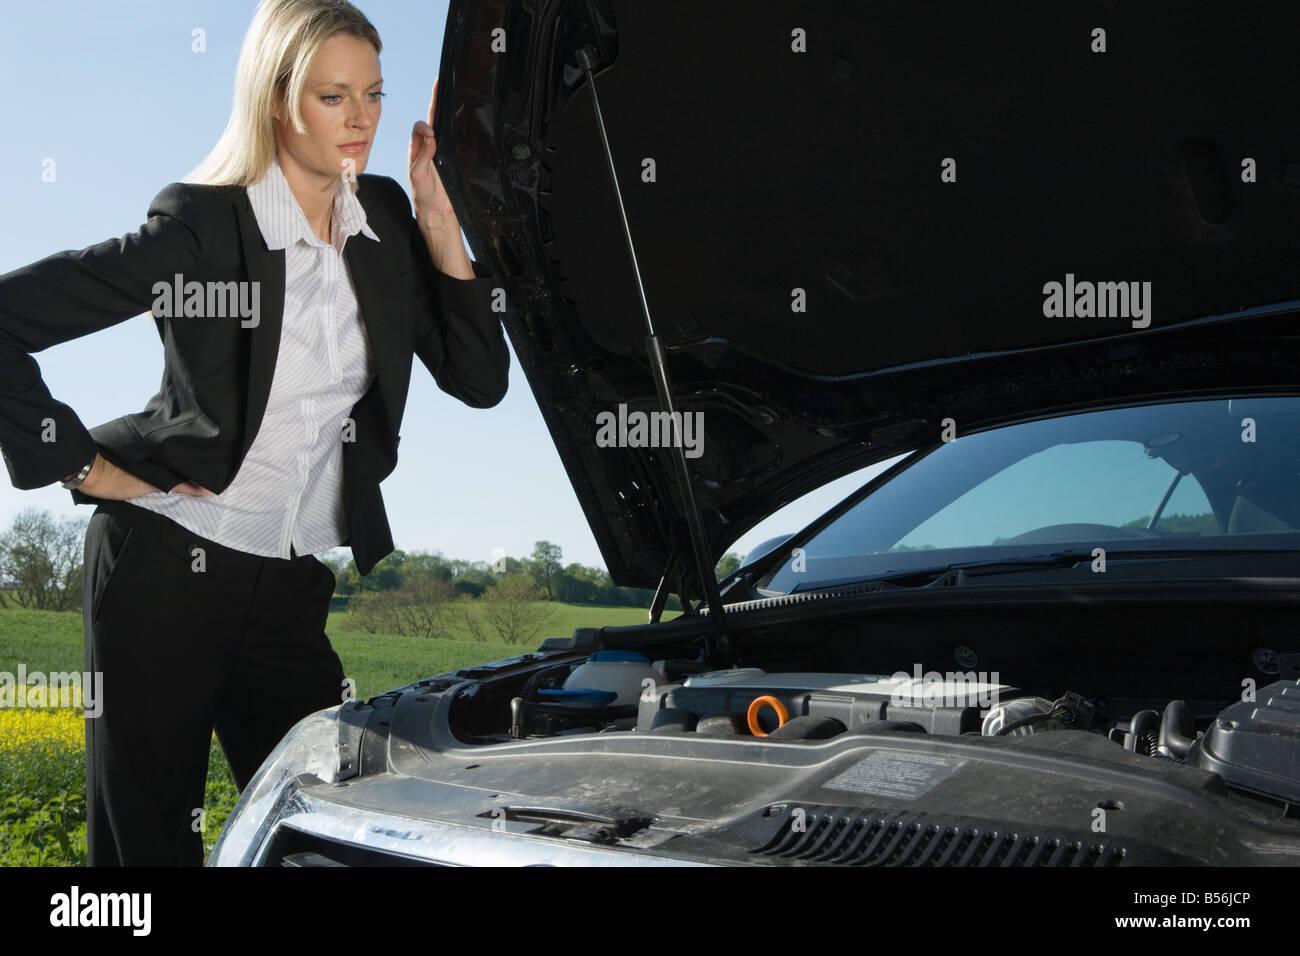 Une femme ayant des problèmes d'automobile Photo Stock